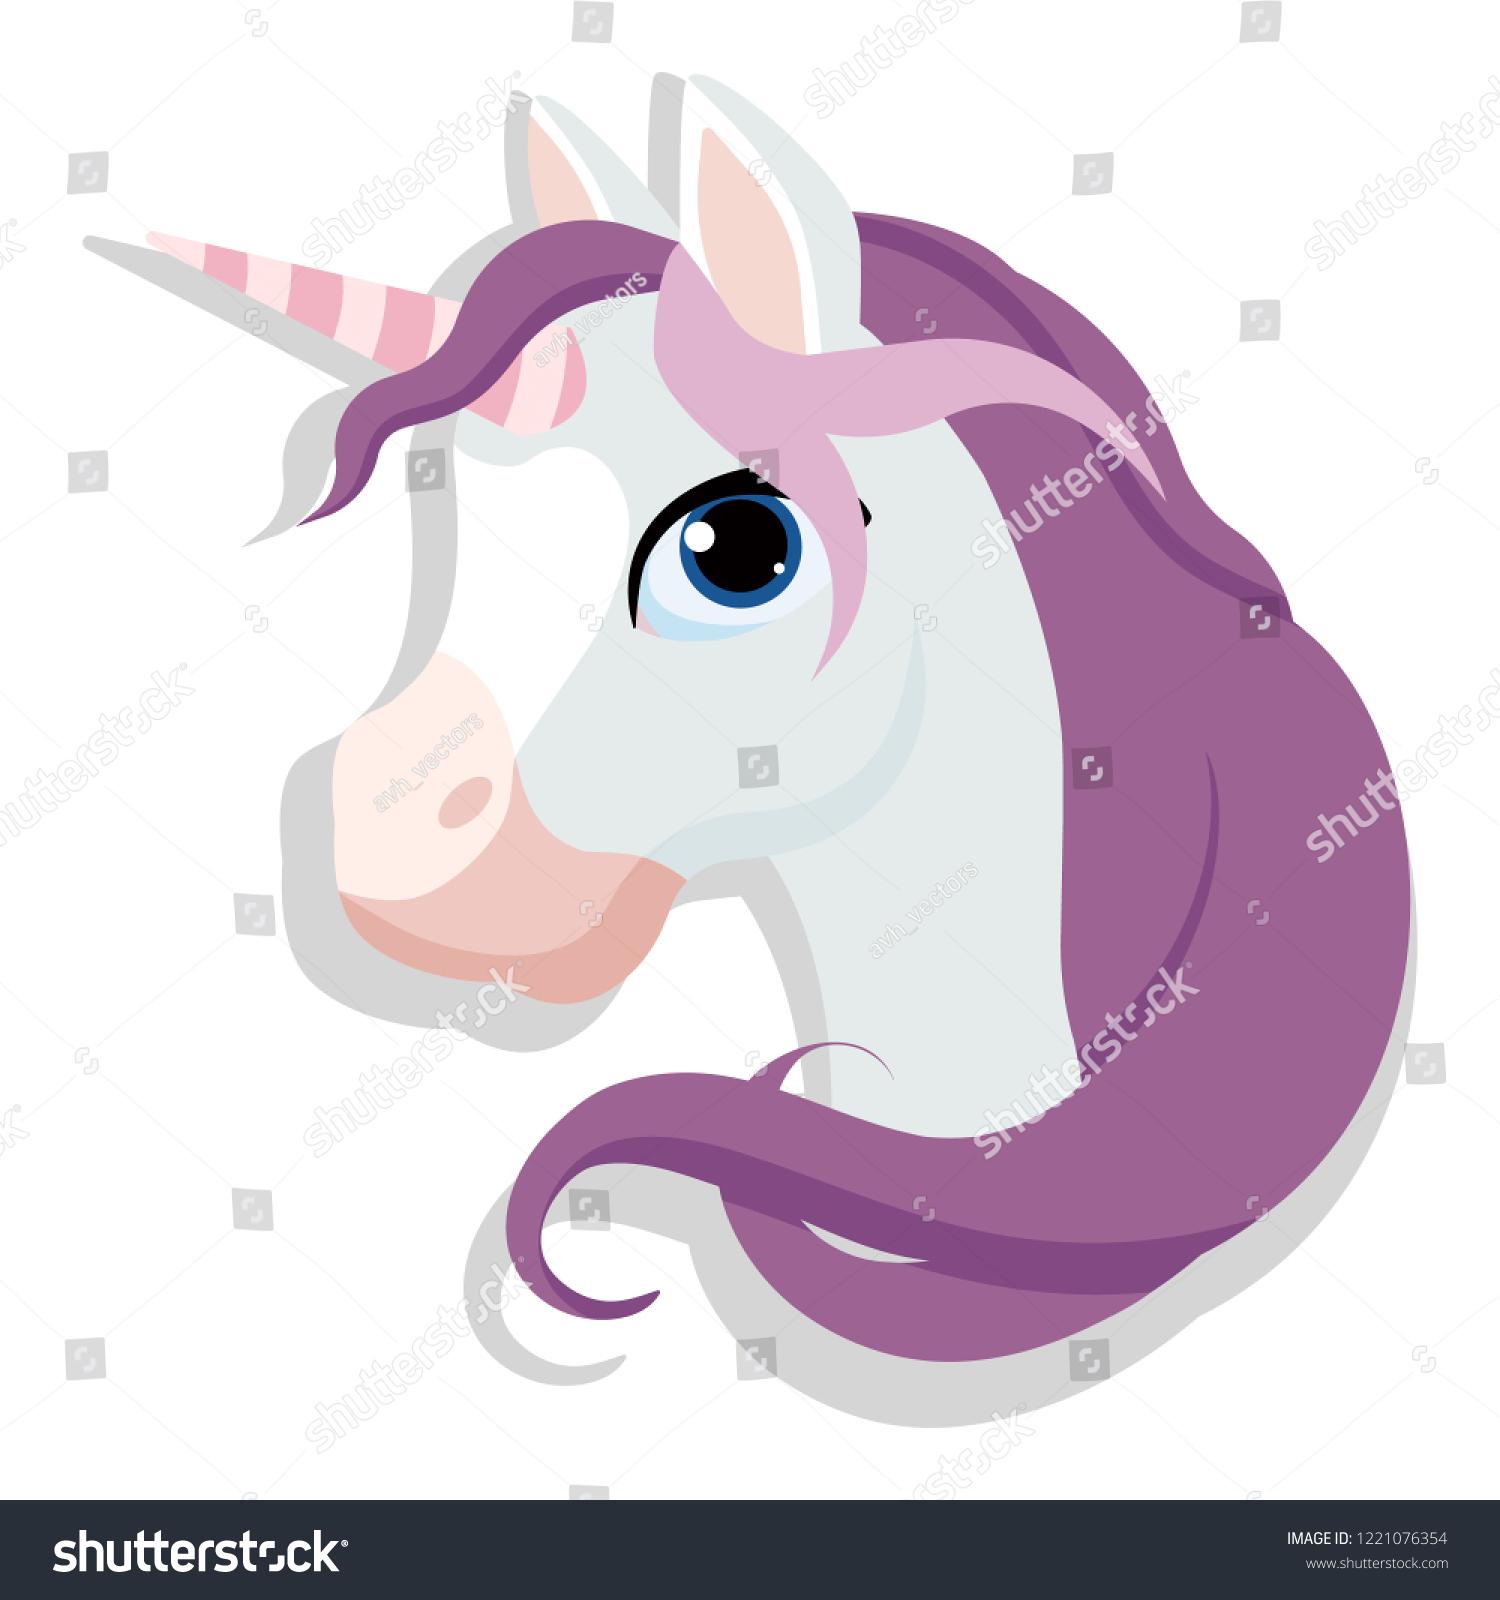 Vector De Stock Libre De Regalias Sobre Unicorn Head Vector Magic Horse Isolated1221076354